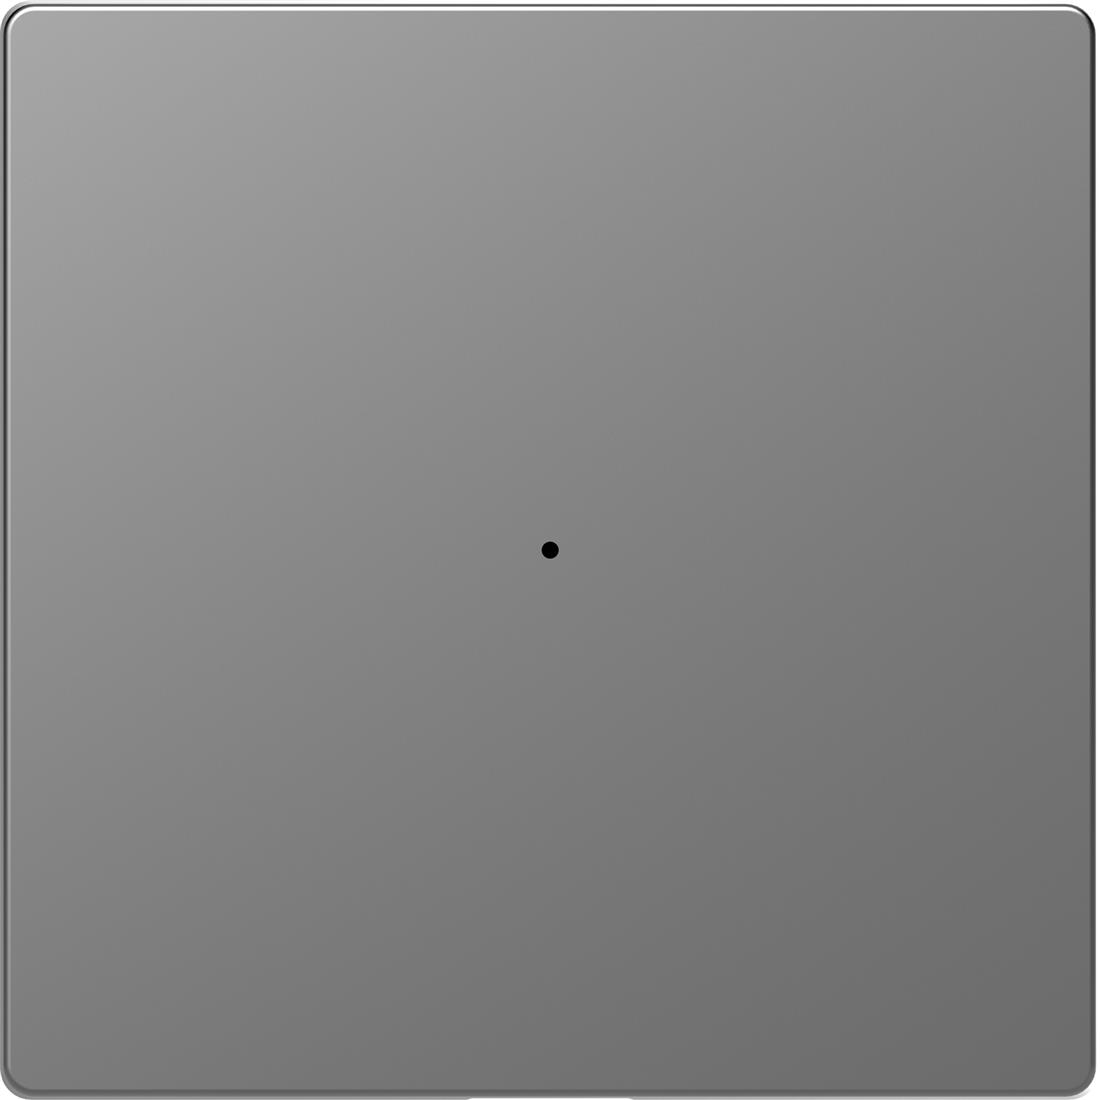 Schneider-Merten D Life wisselwip impuls module 1-voudig - RVS look (MTN5210-6036)